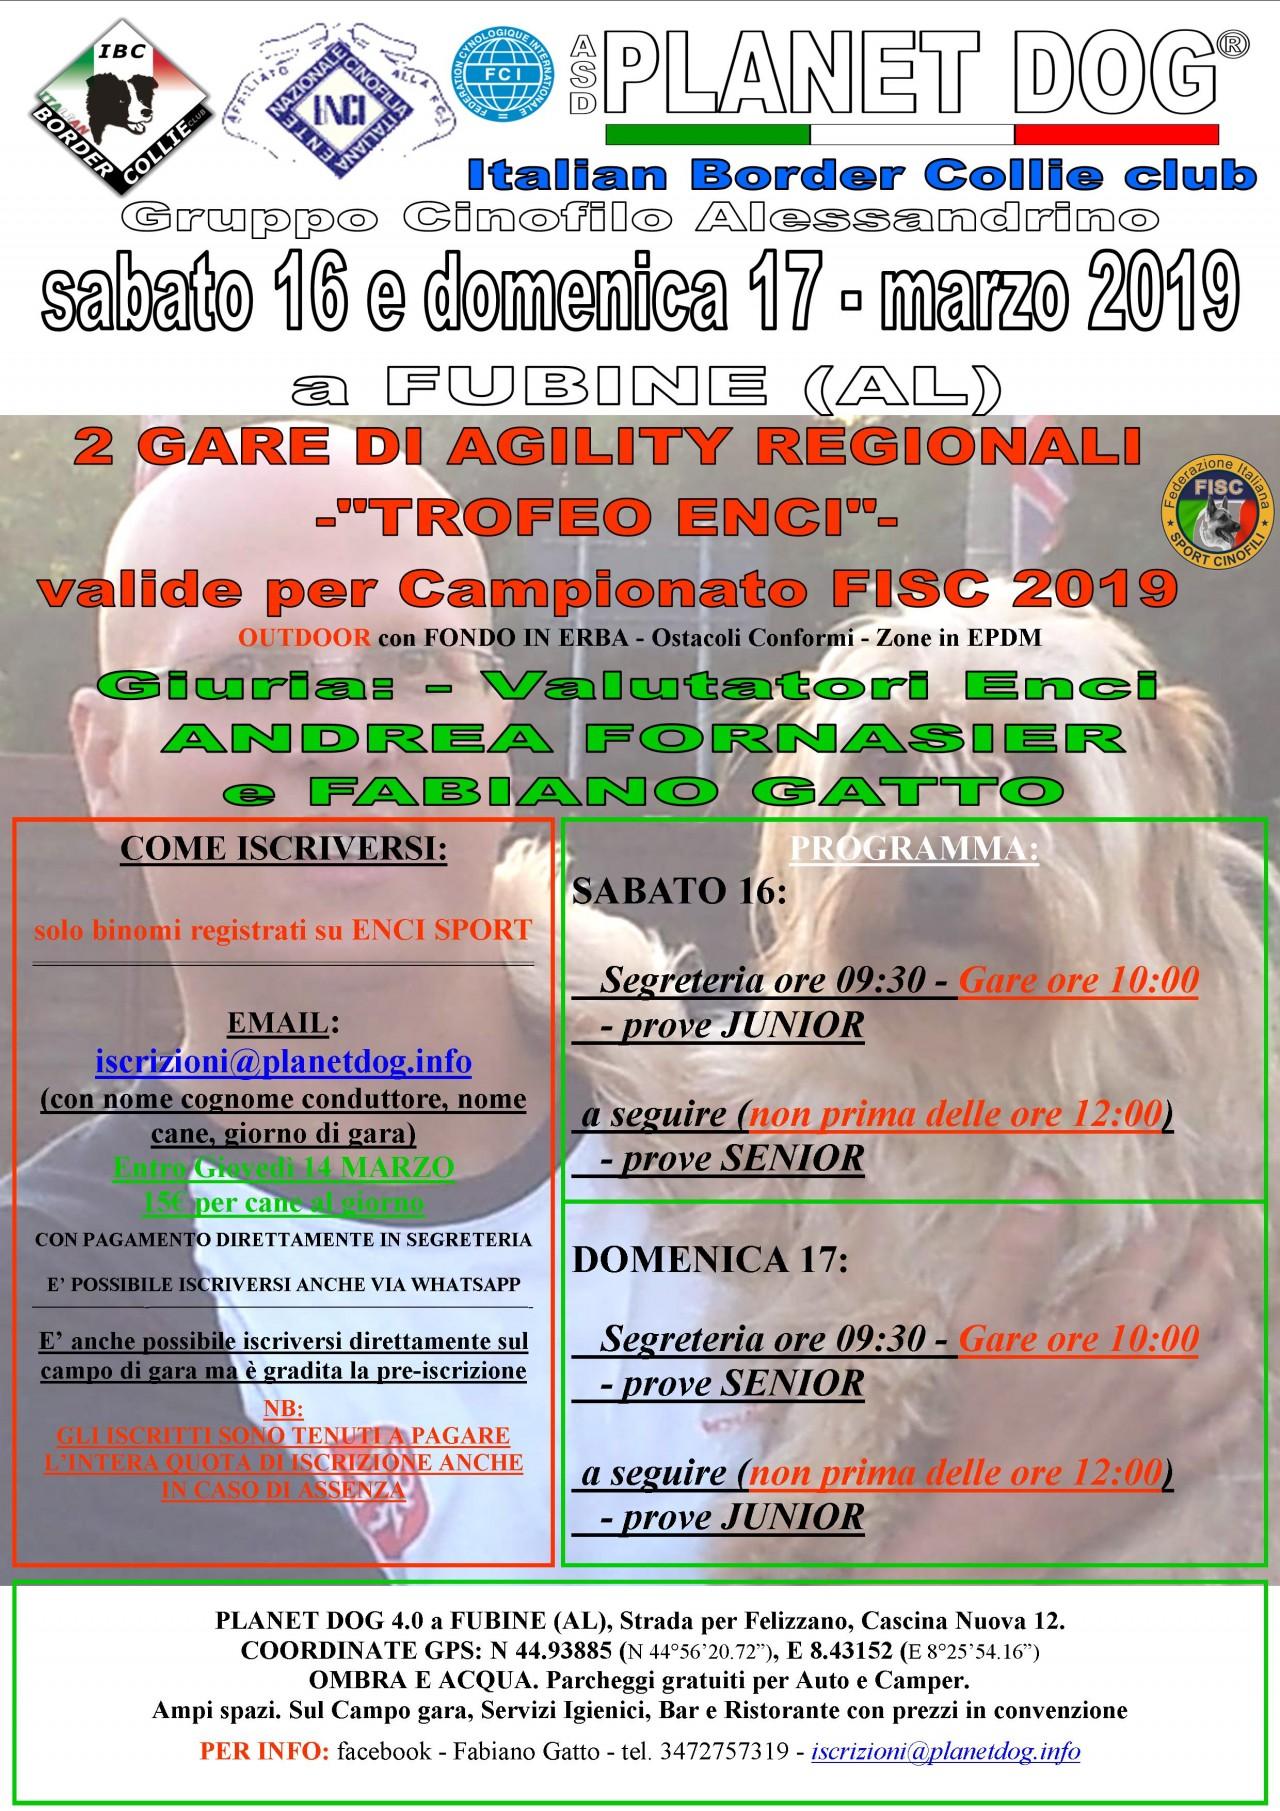 Gara Regionale di Agility TROFEO ENCI + Campionato Fisc ... 16 marzo 2019